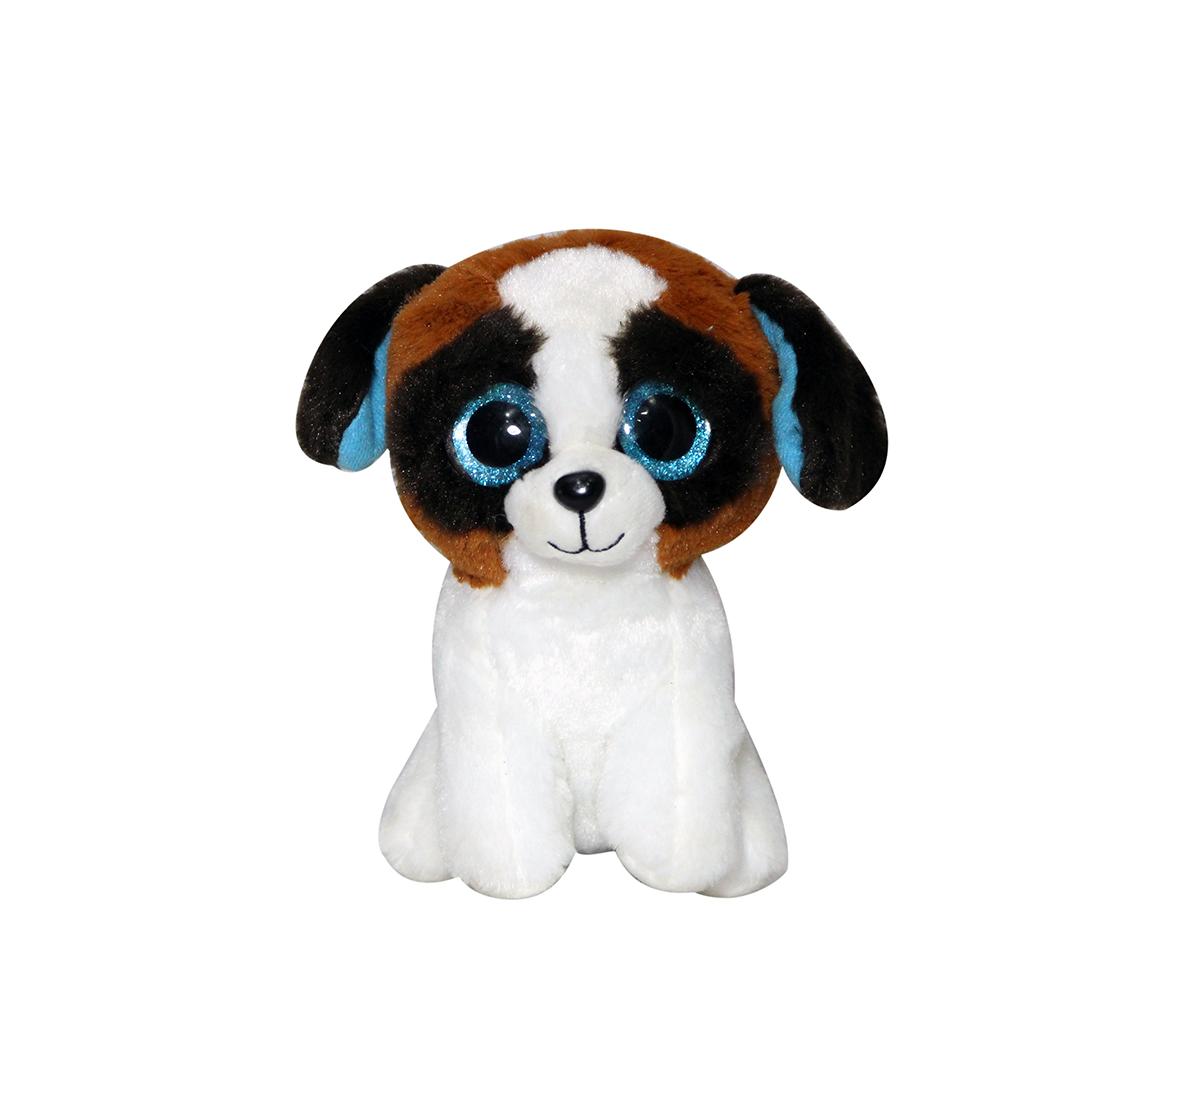 Soft Buddies | Softbuddies Big Eye Dog  Quirky Soft Toys for Kids age 3Y+ - 20 Cm (Brown)